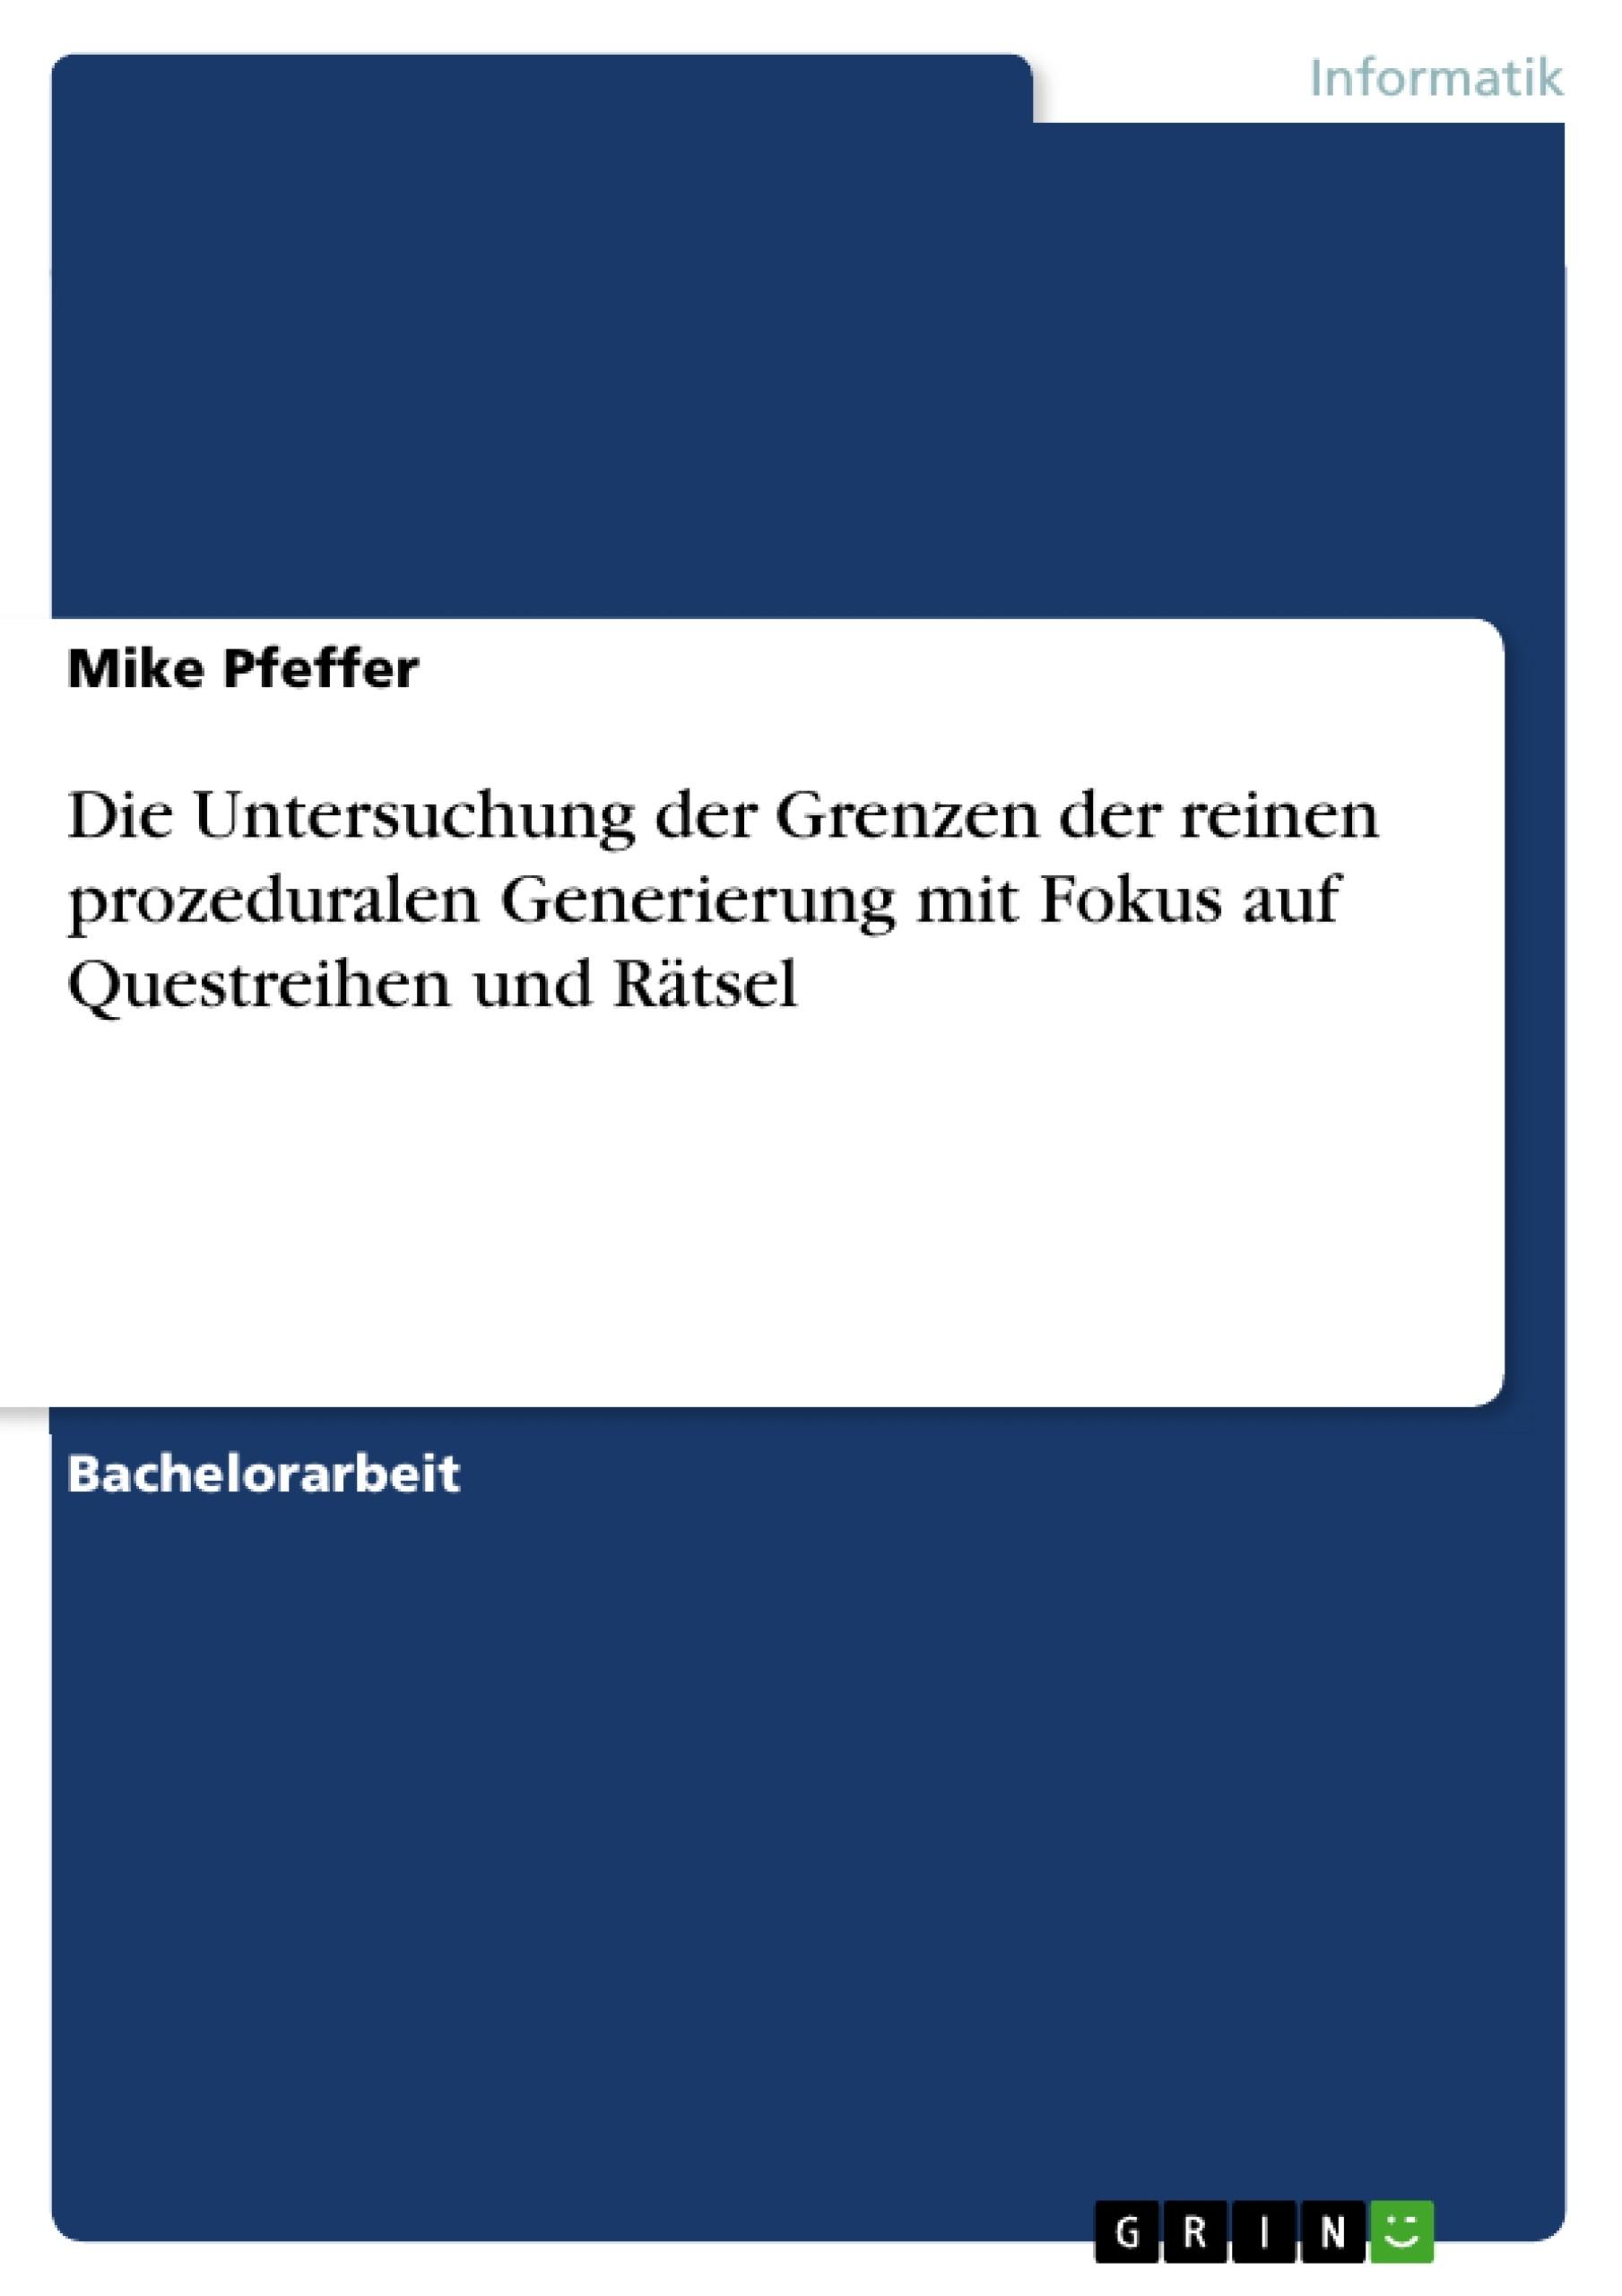 Titel: Die Untersuchung der Grenzen der reinen prozeduralen Generierung mit Fokus auf Questreihen und Rätsel